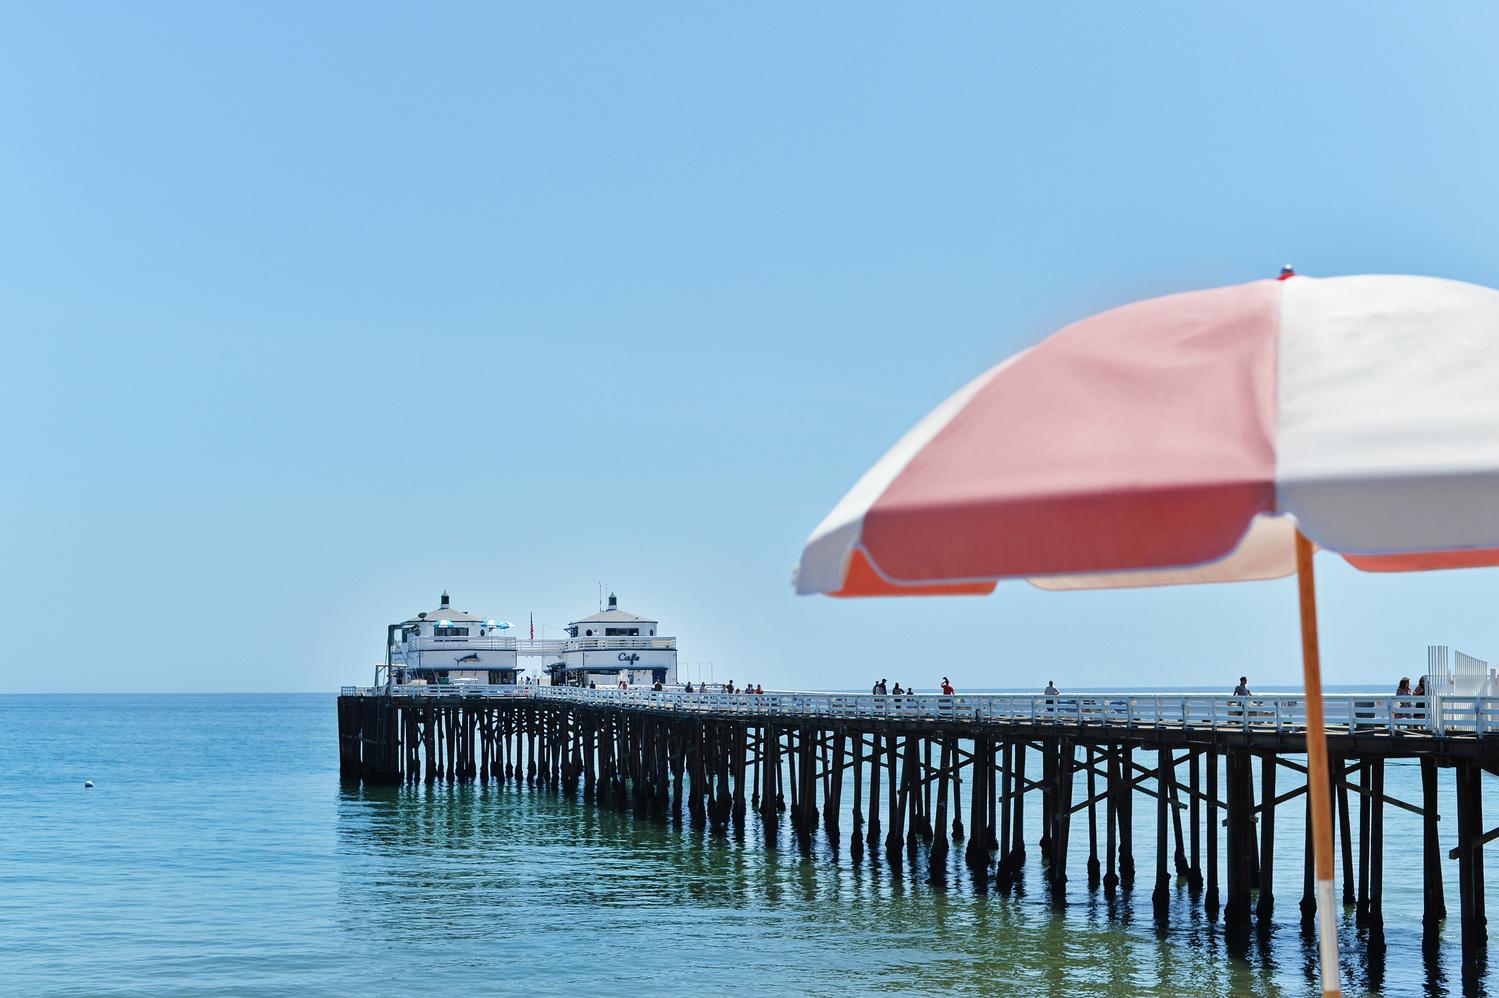 Malibu Umbrella by Adriana Avello